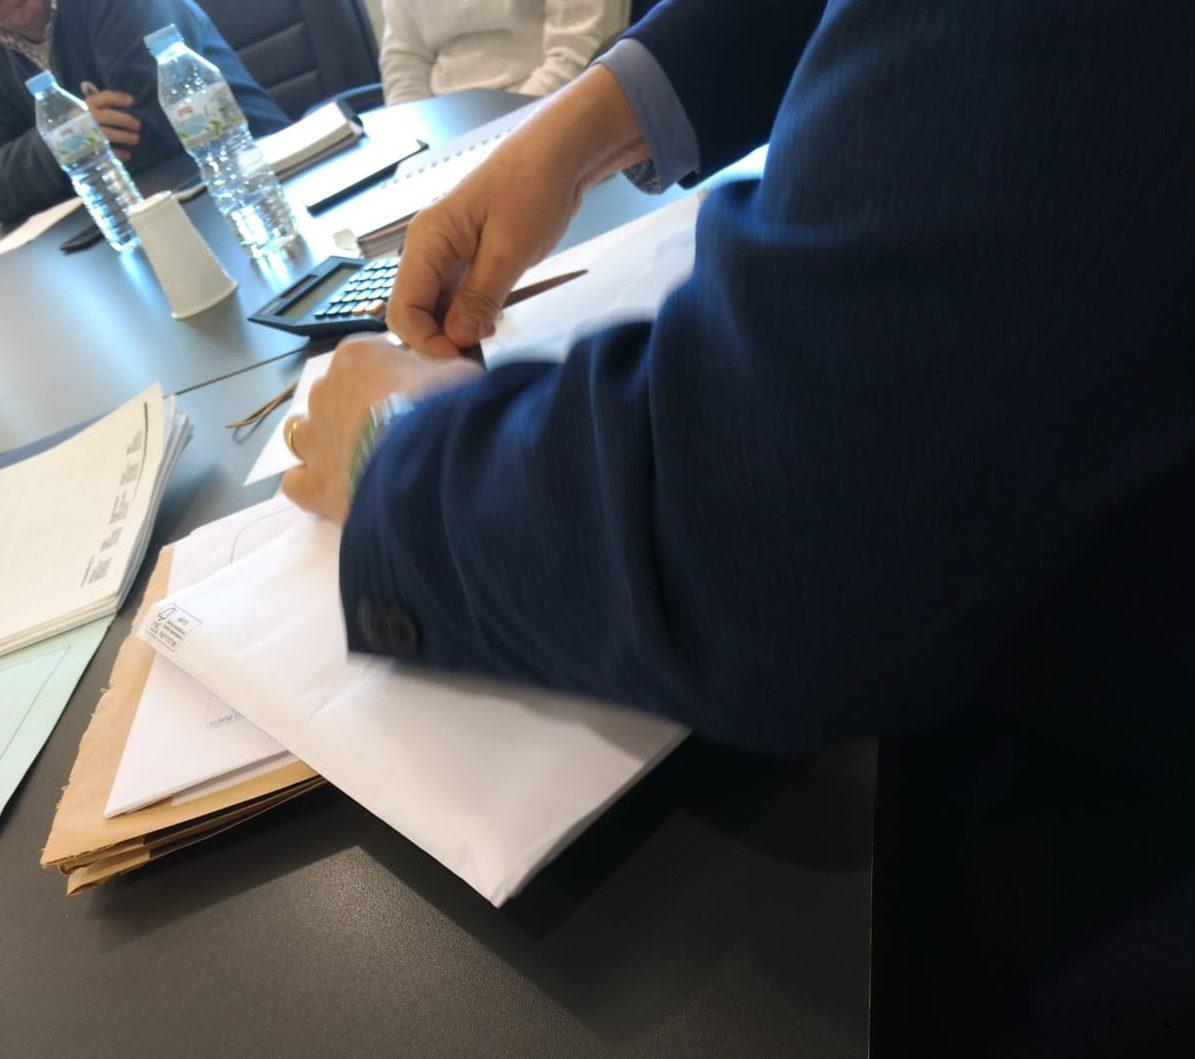 Avui s'ha reunit la Mesa de Contractació per a la licitació de les obres del Centre Cívic de La Miralba